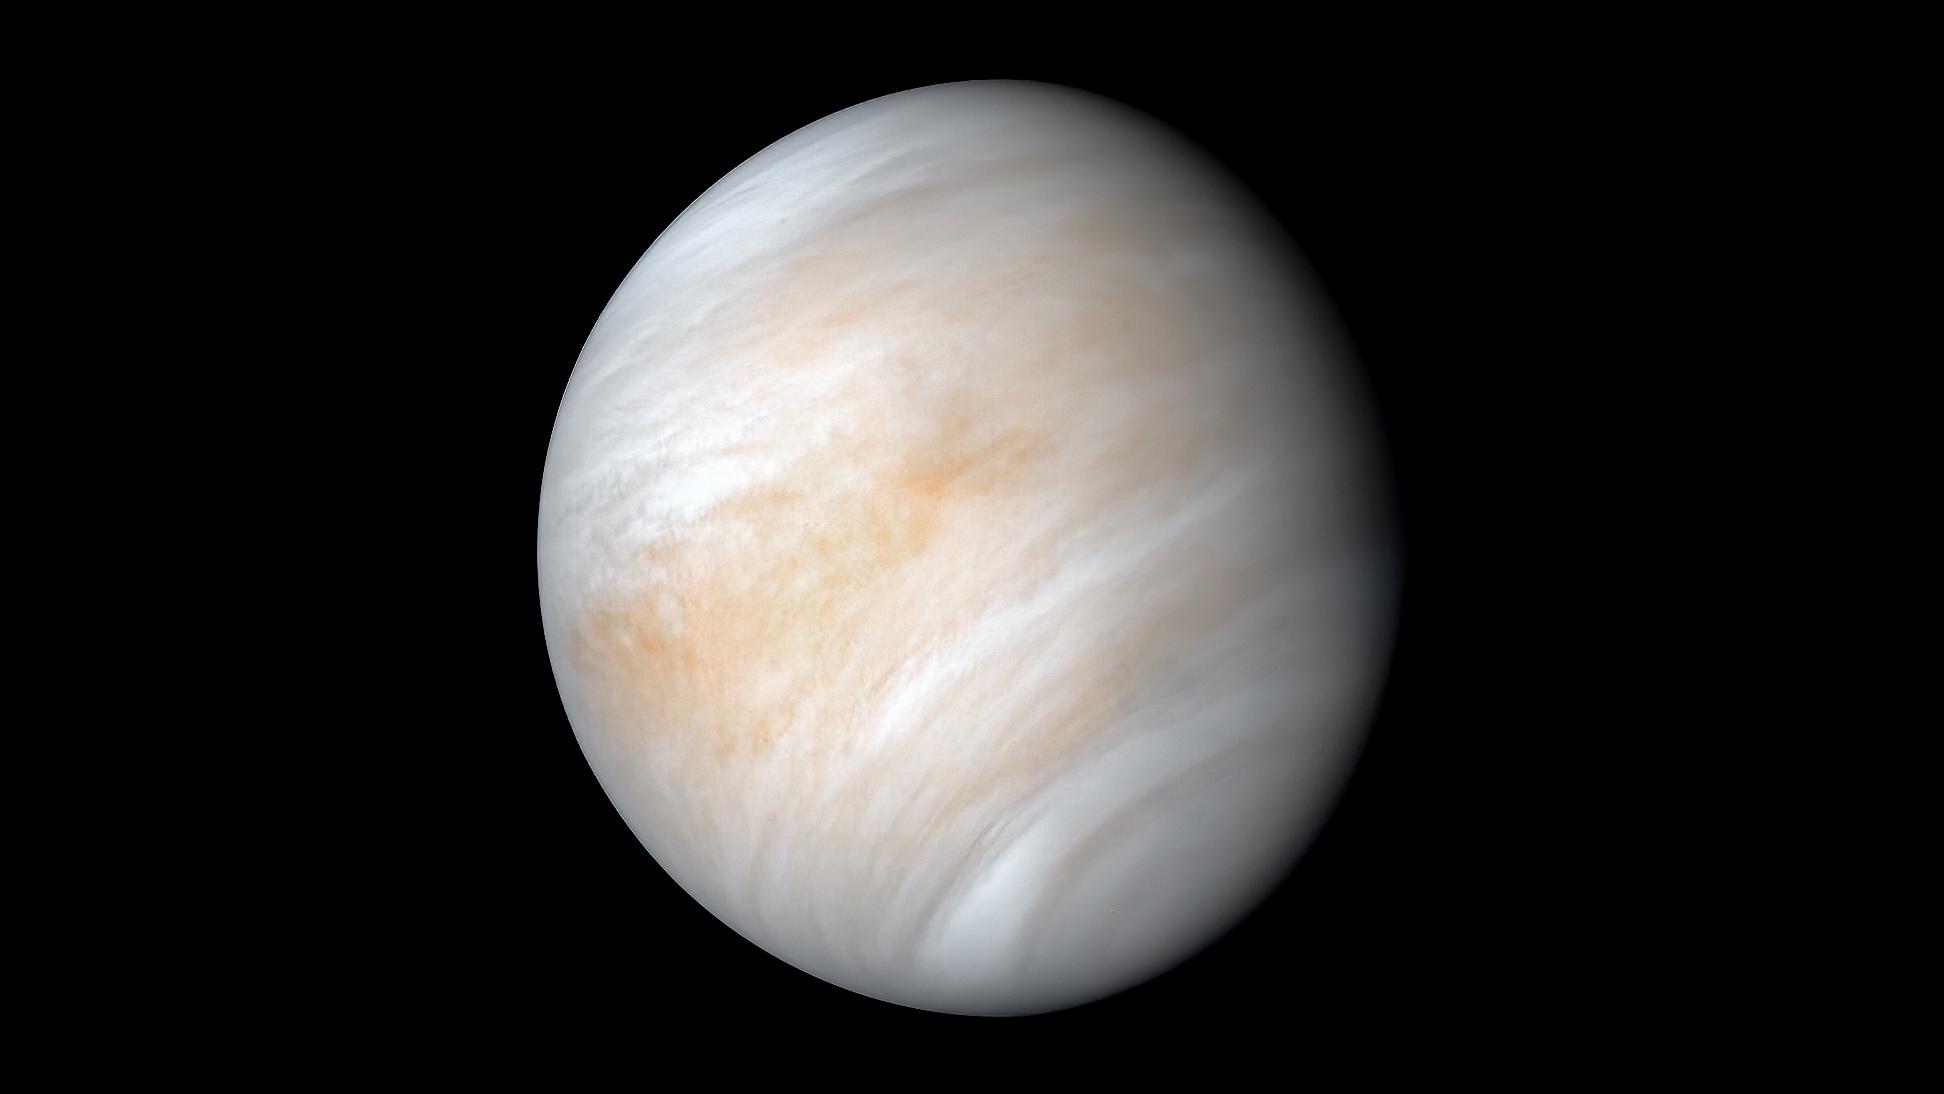 金星へ行こう! 生命の兆候発見で高まる機運